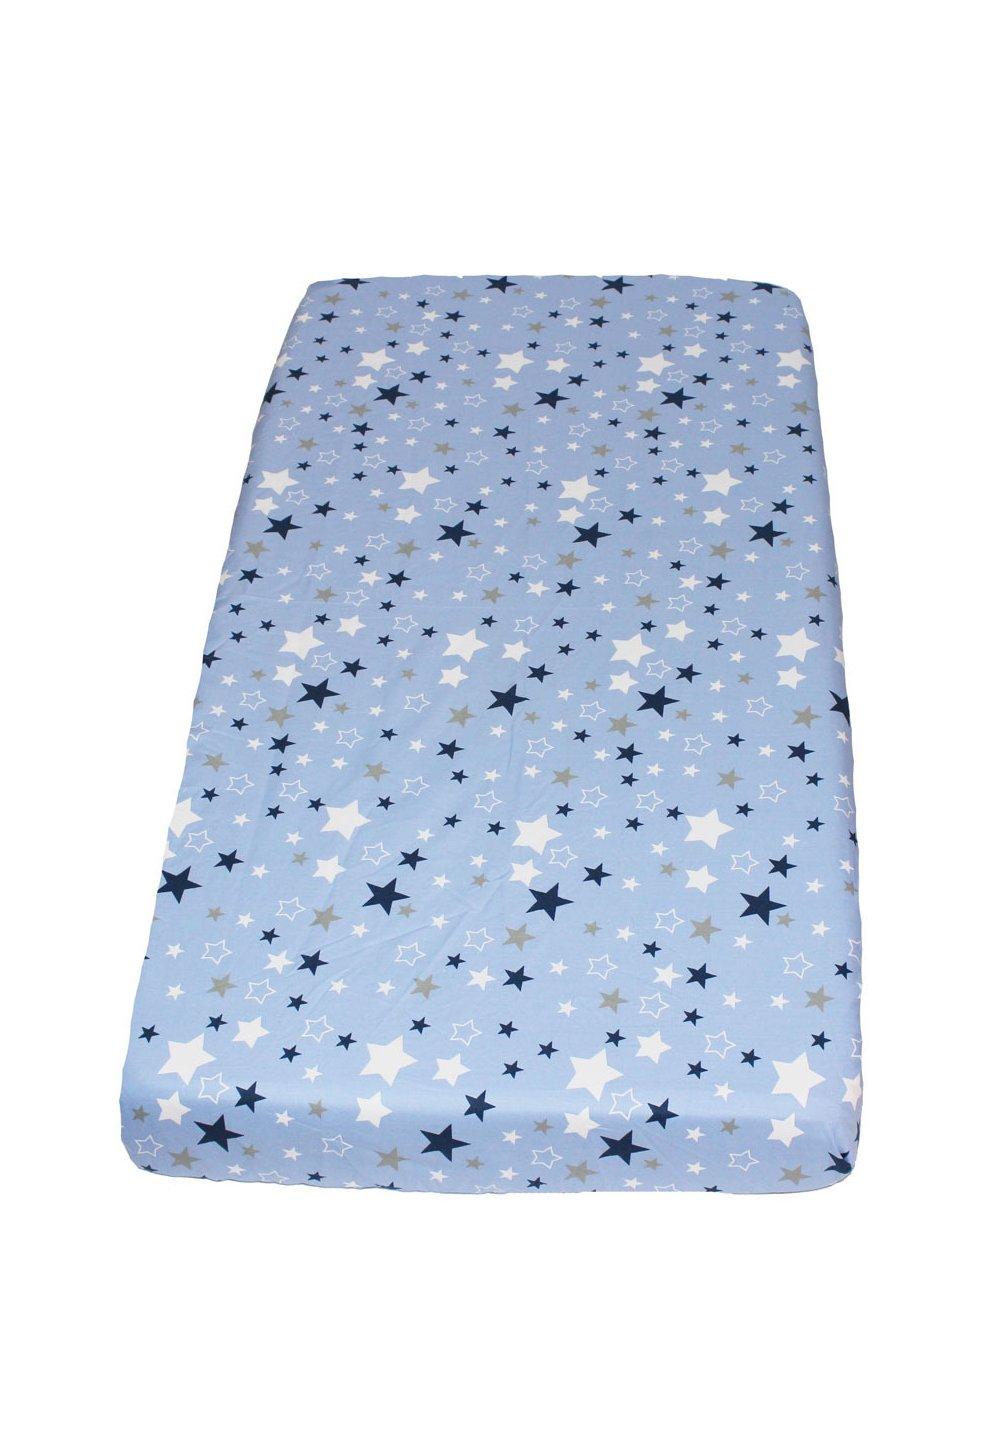 Cearceaf patut, stelutele albastre, 120x60cm imagine